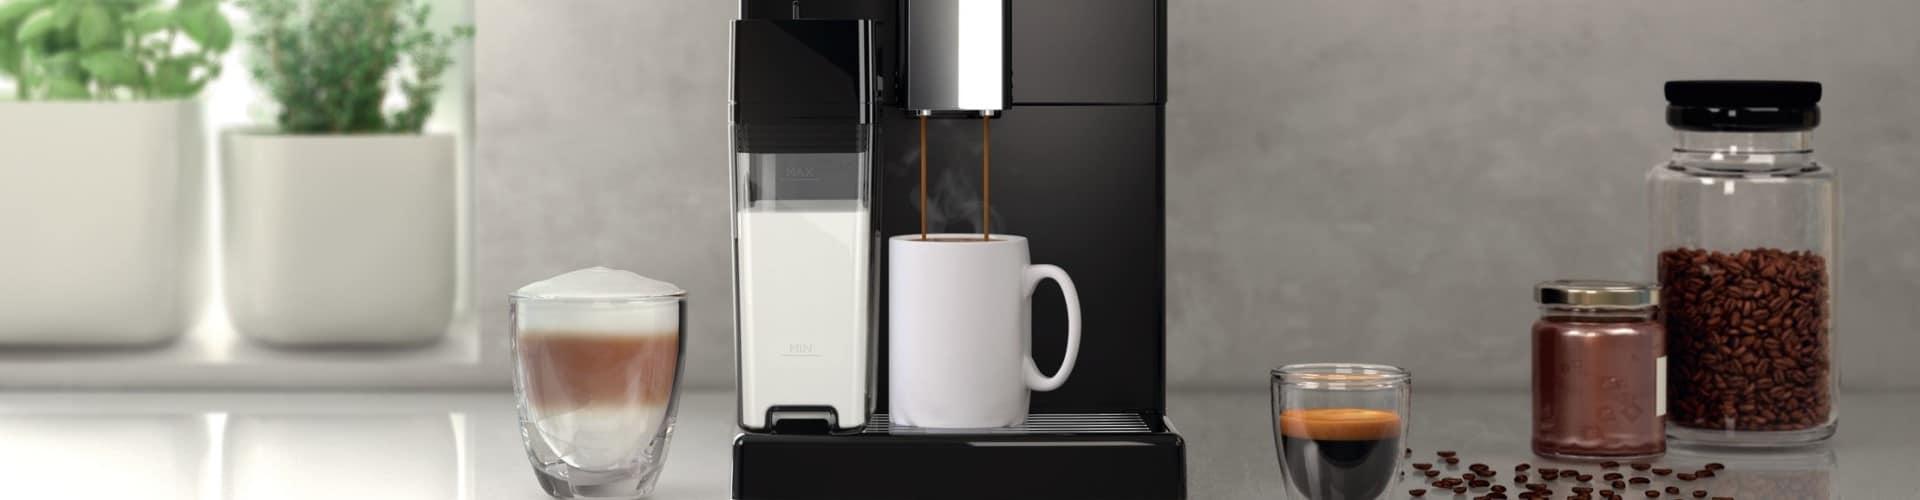 Best Espresso Machines under $500 Reviewed in Detail